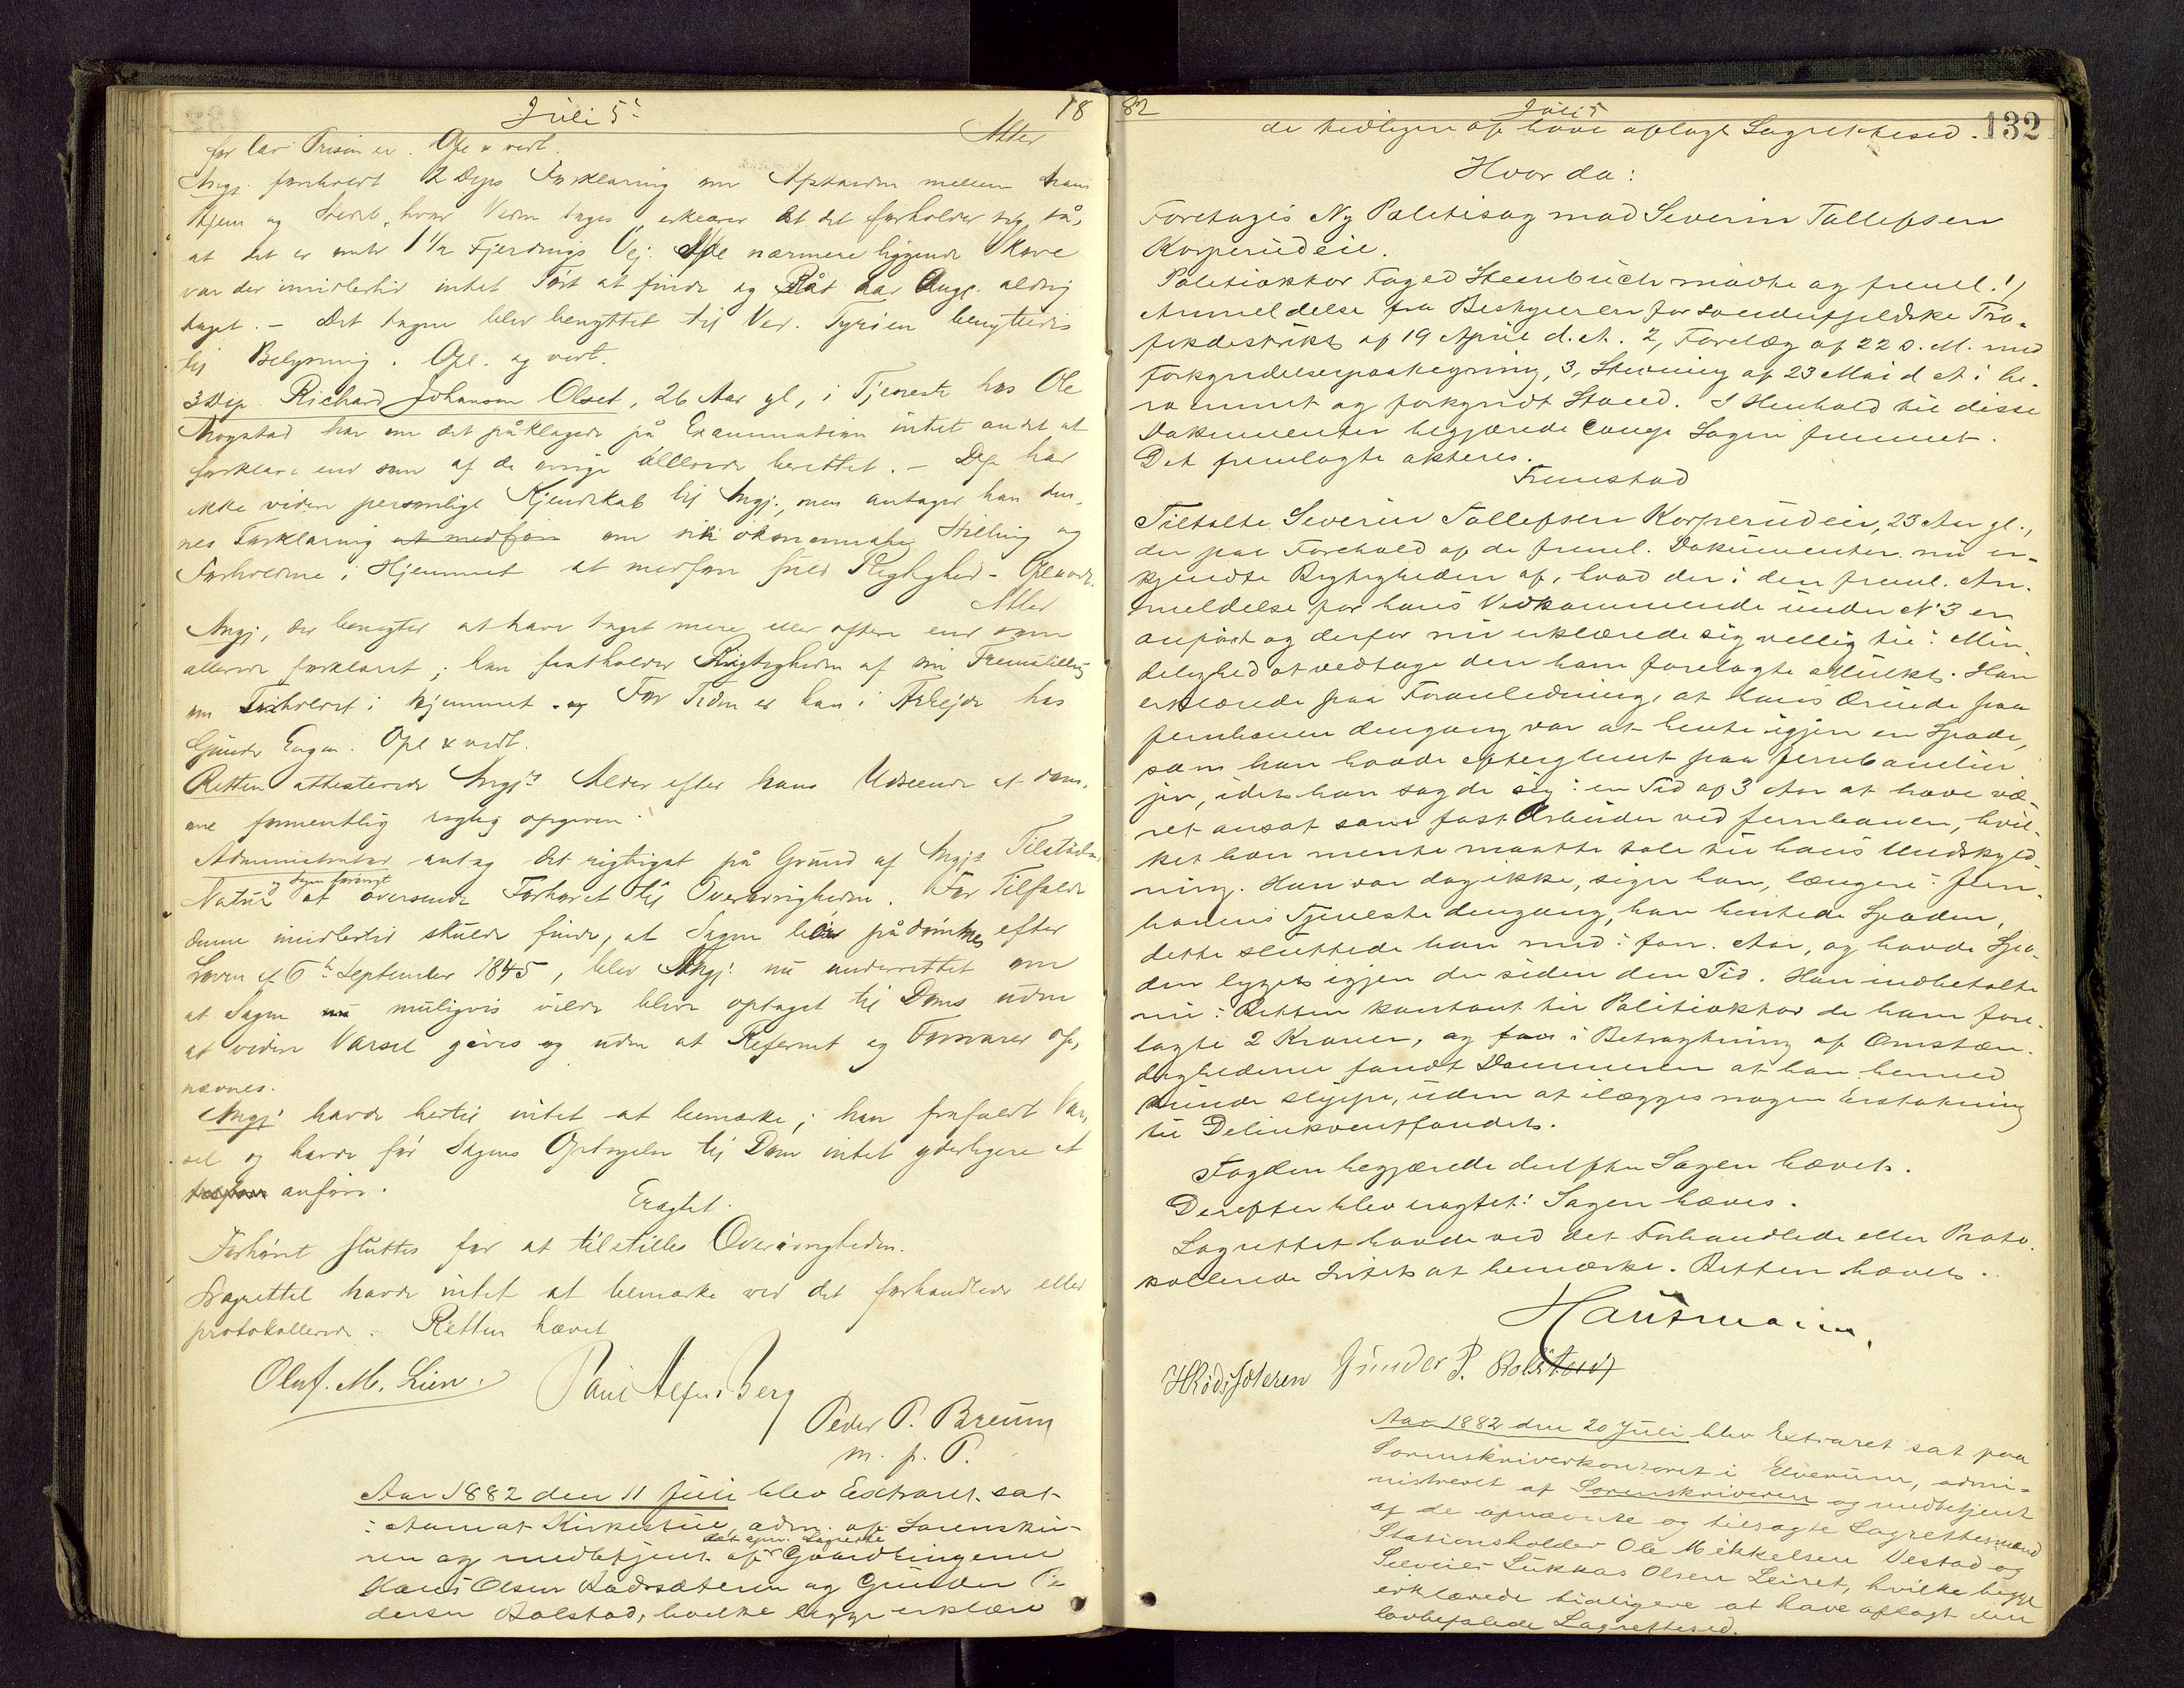 SAH, Sør-Østerdal sorenskriveri, G/Gc/L0019: Ekstrarettsprotokoll, 1881-1883, s. 131b-132a